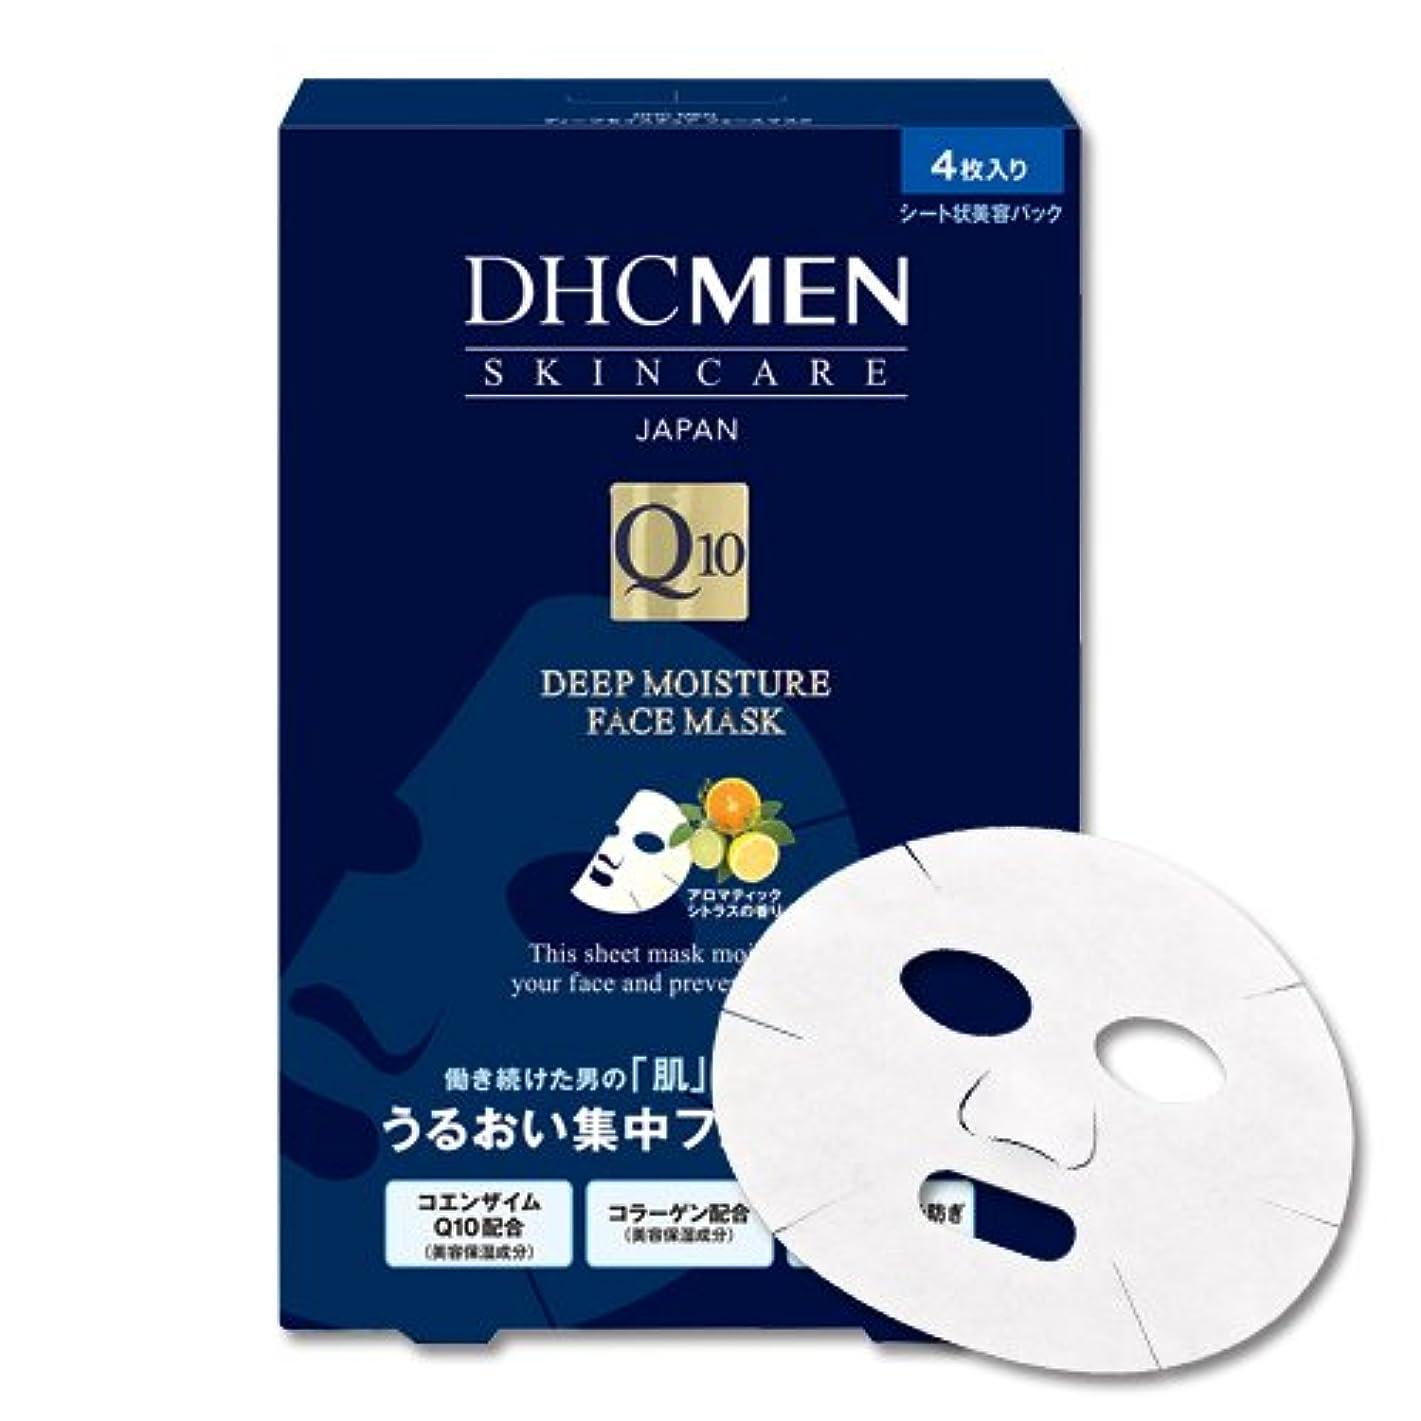 くそーコンプリート起きろDHC MEN ディープモイスチュア フェースマスク